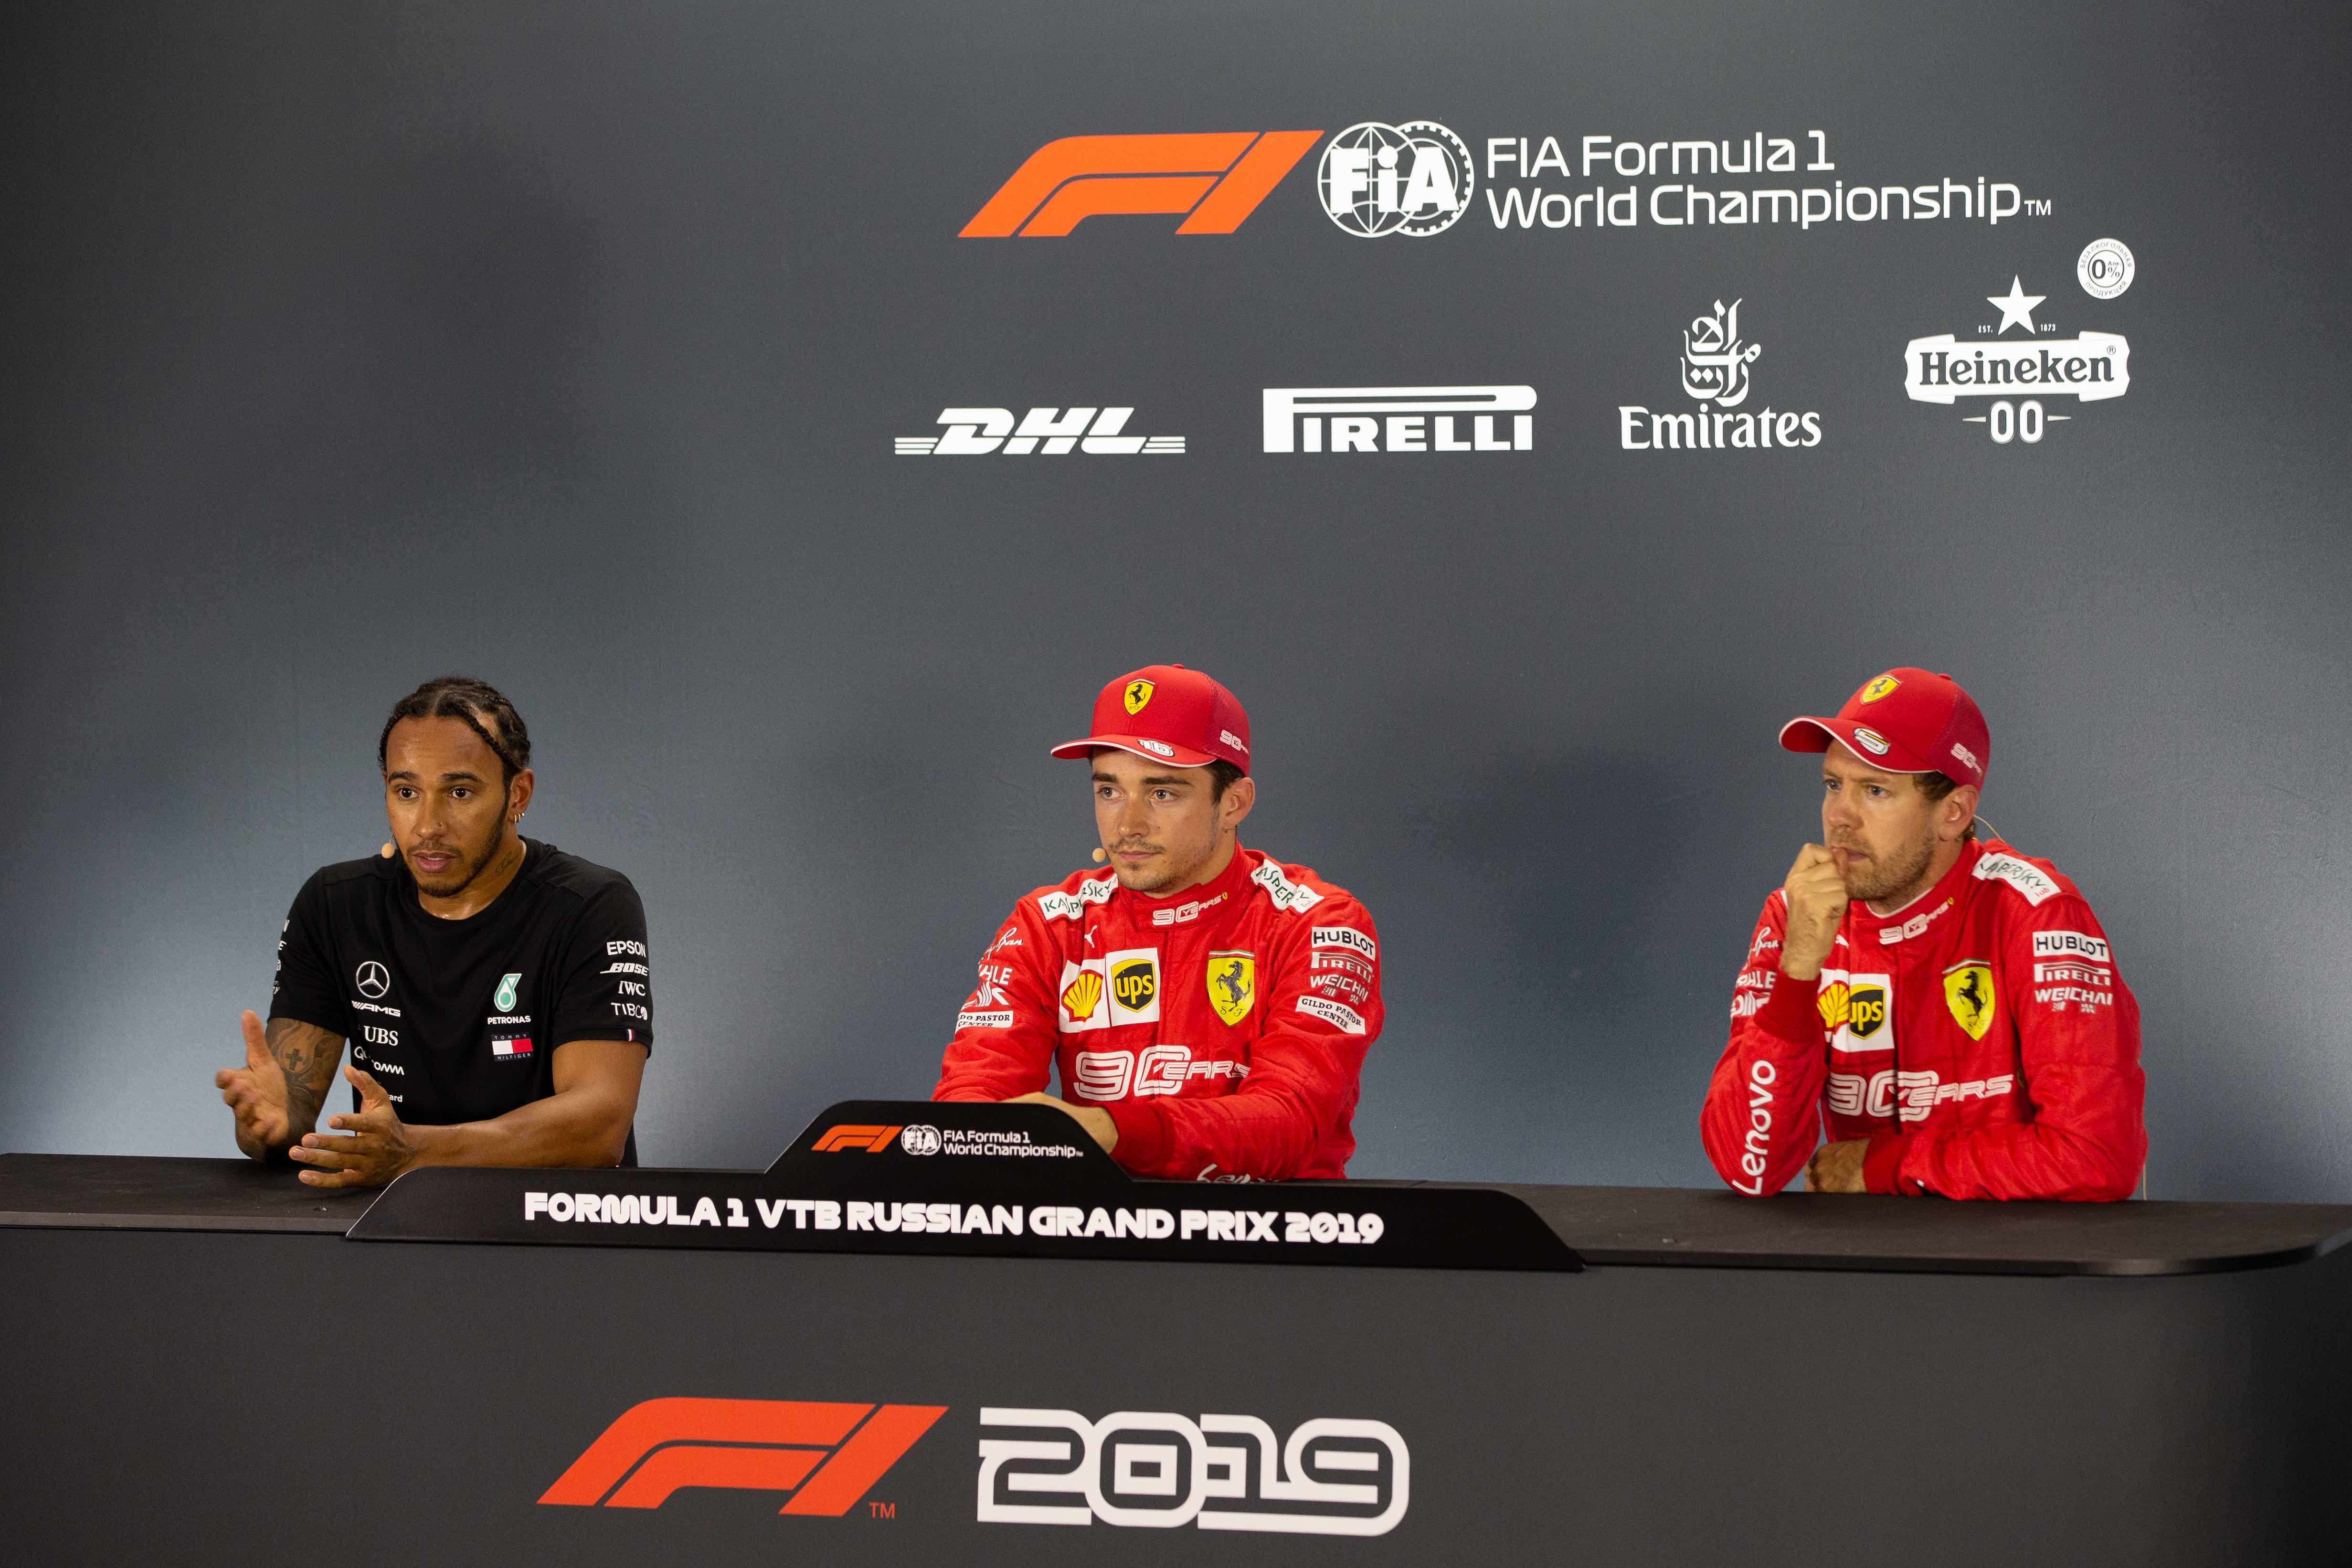 F1 2019 Russian Grand Prix Saturday Press Conference Federation Internationale De L Automobile